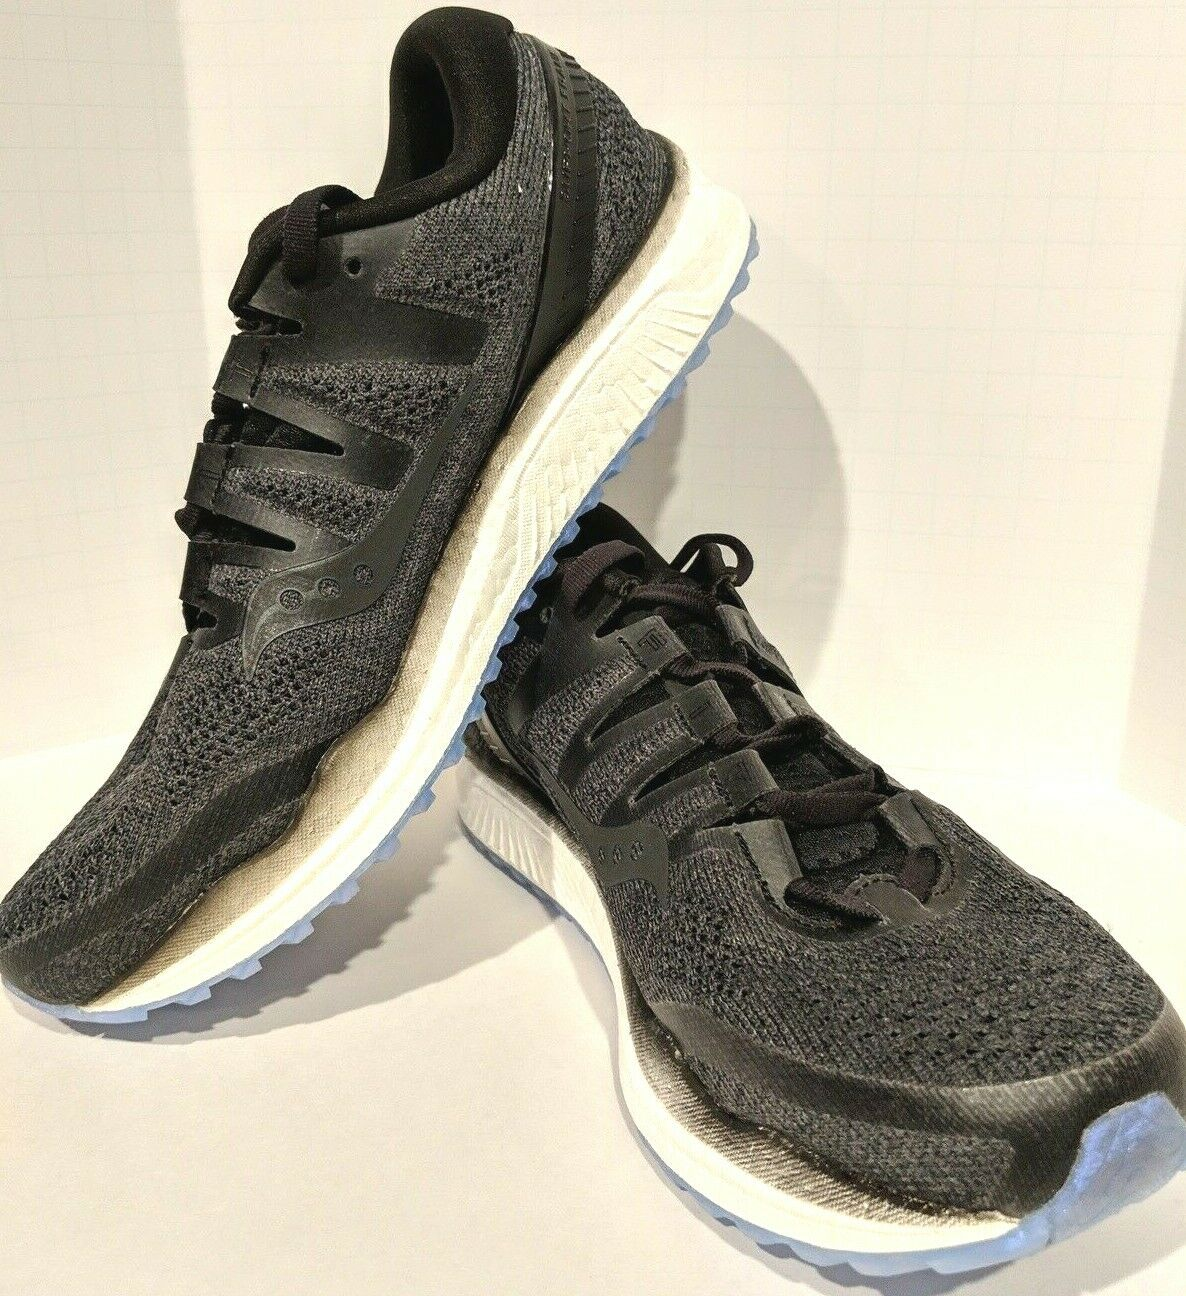 Saucony donna Freedom ISO 2 Everun S10440-1 nero Dimensione 8 8 8 Running scarpe 6f20e2